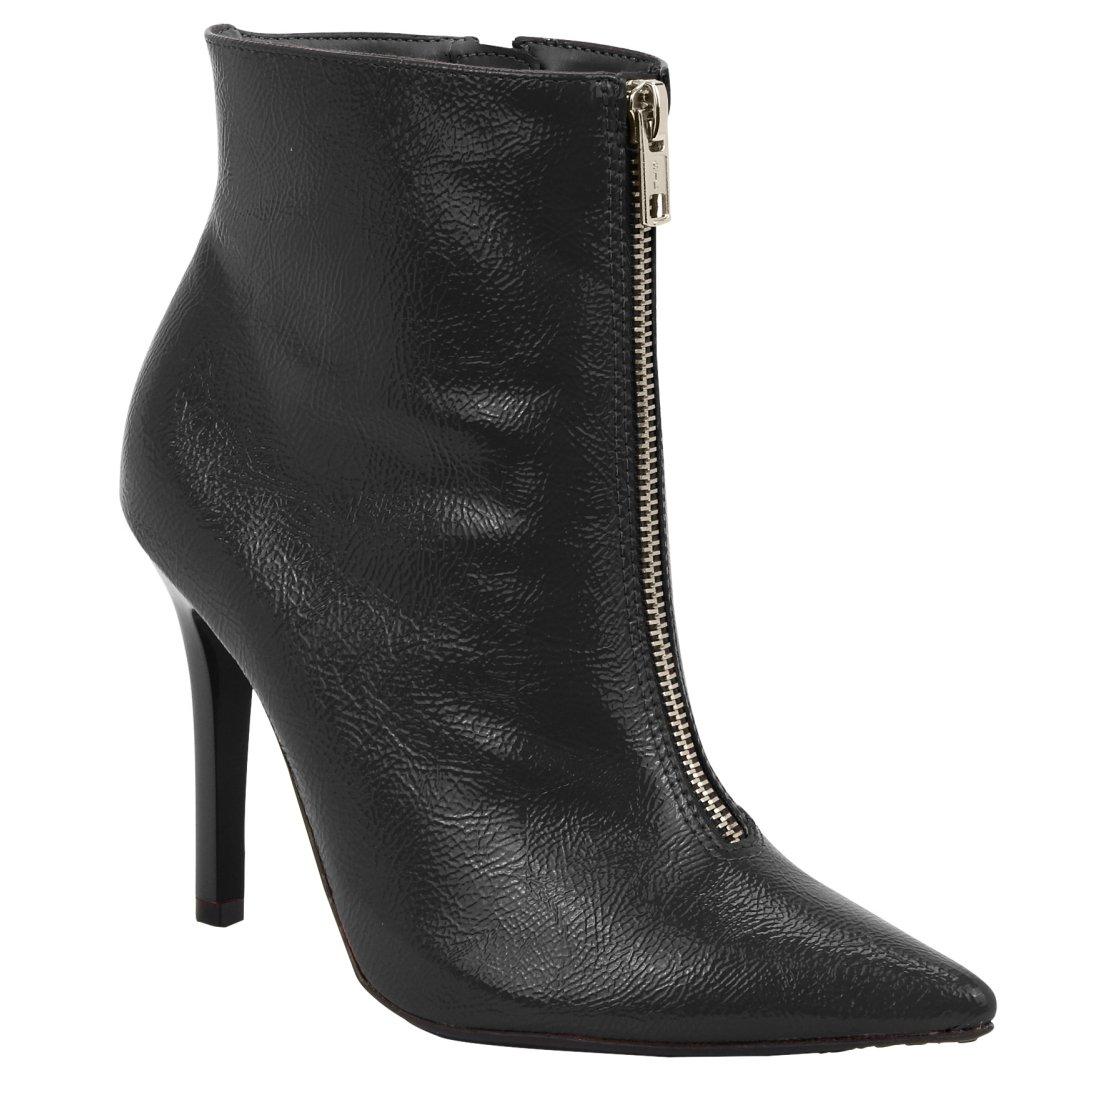 6159482460 Bota Feminina Via Marte Ankle Boot 18-7203 - Preto (Verniz Glamour ...